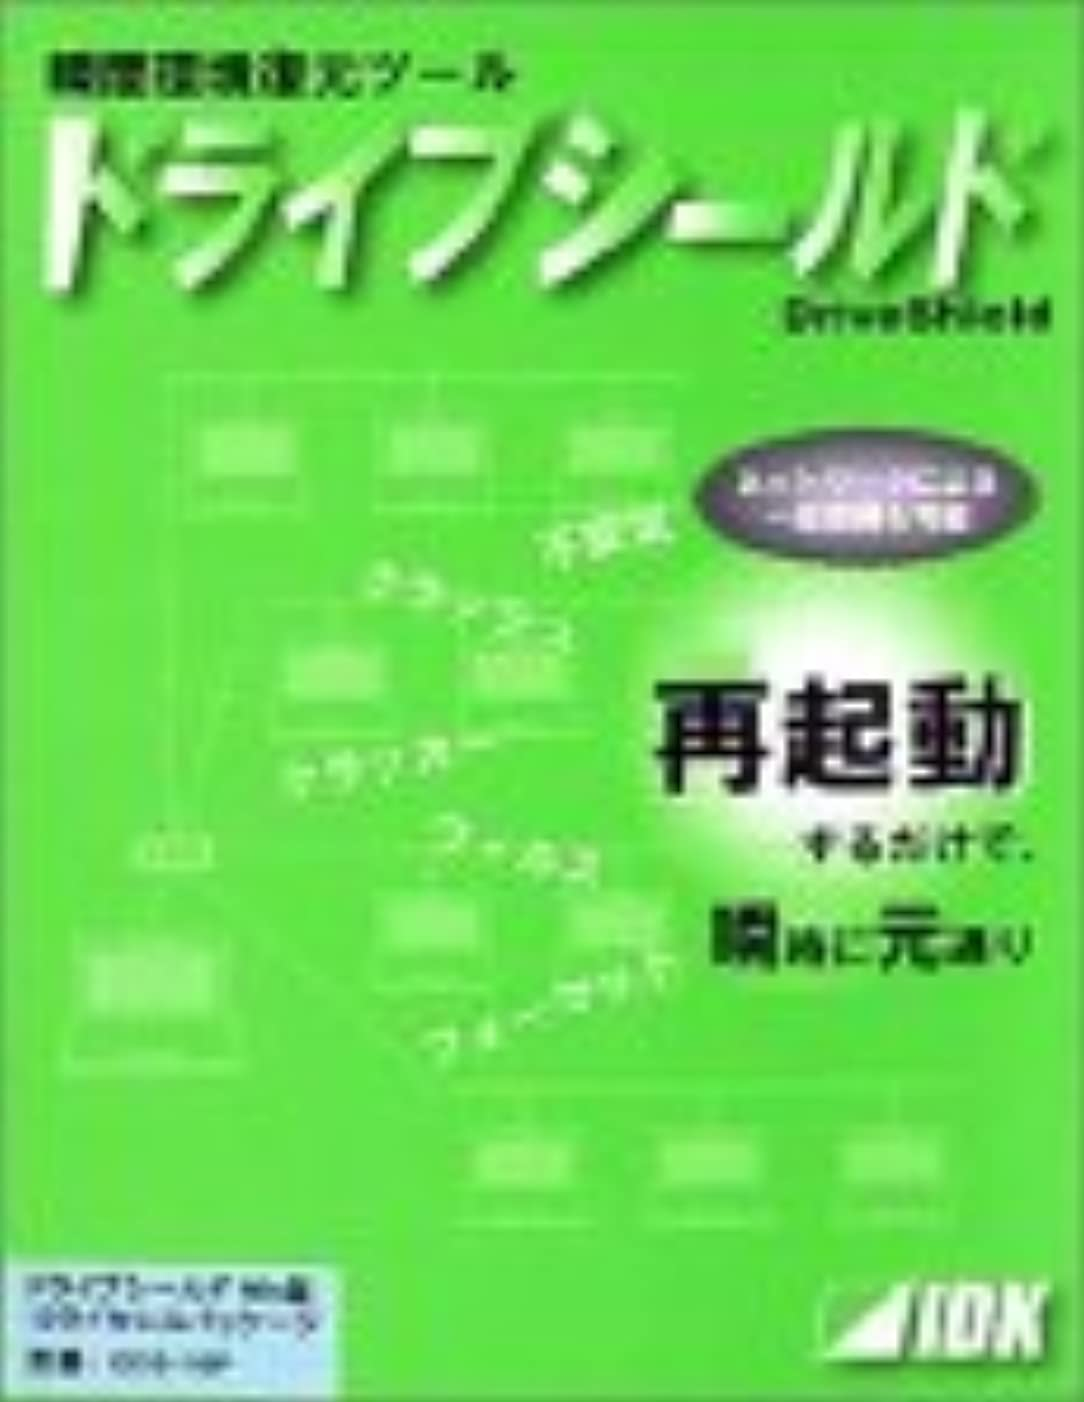 損失ライター表面ドライブシールド Winidows版 10ライセンスパッケージ